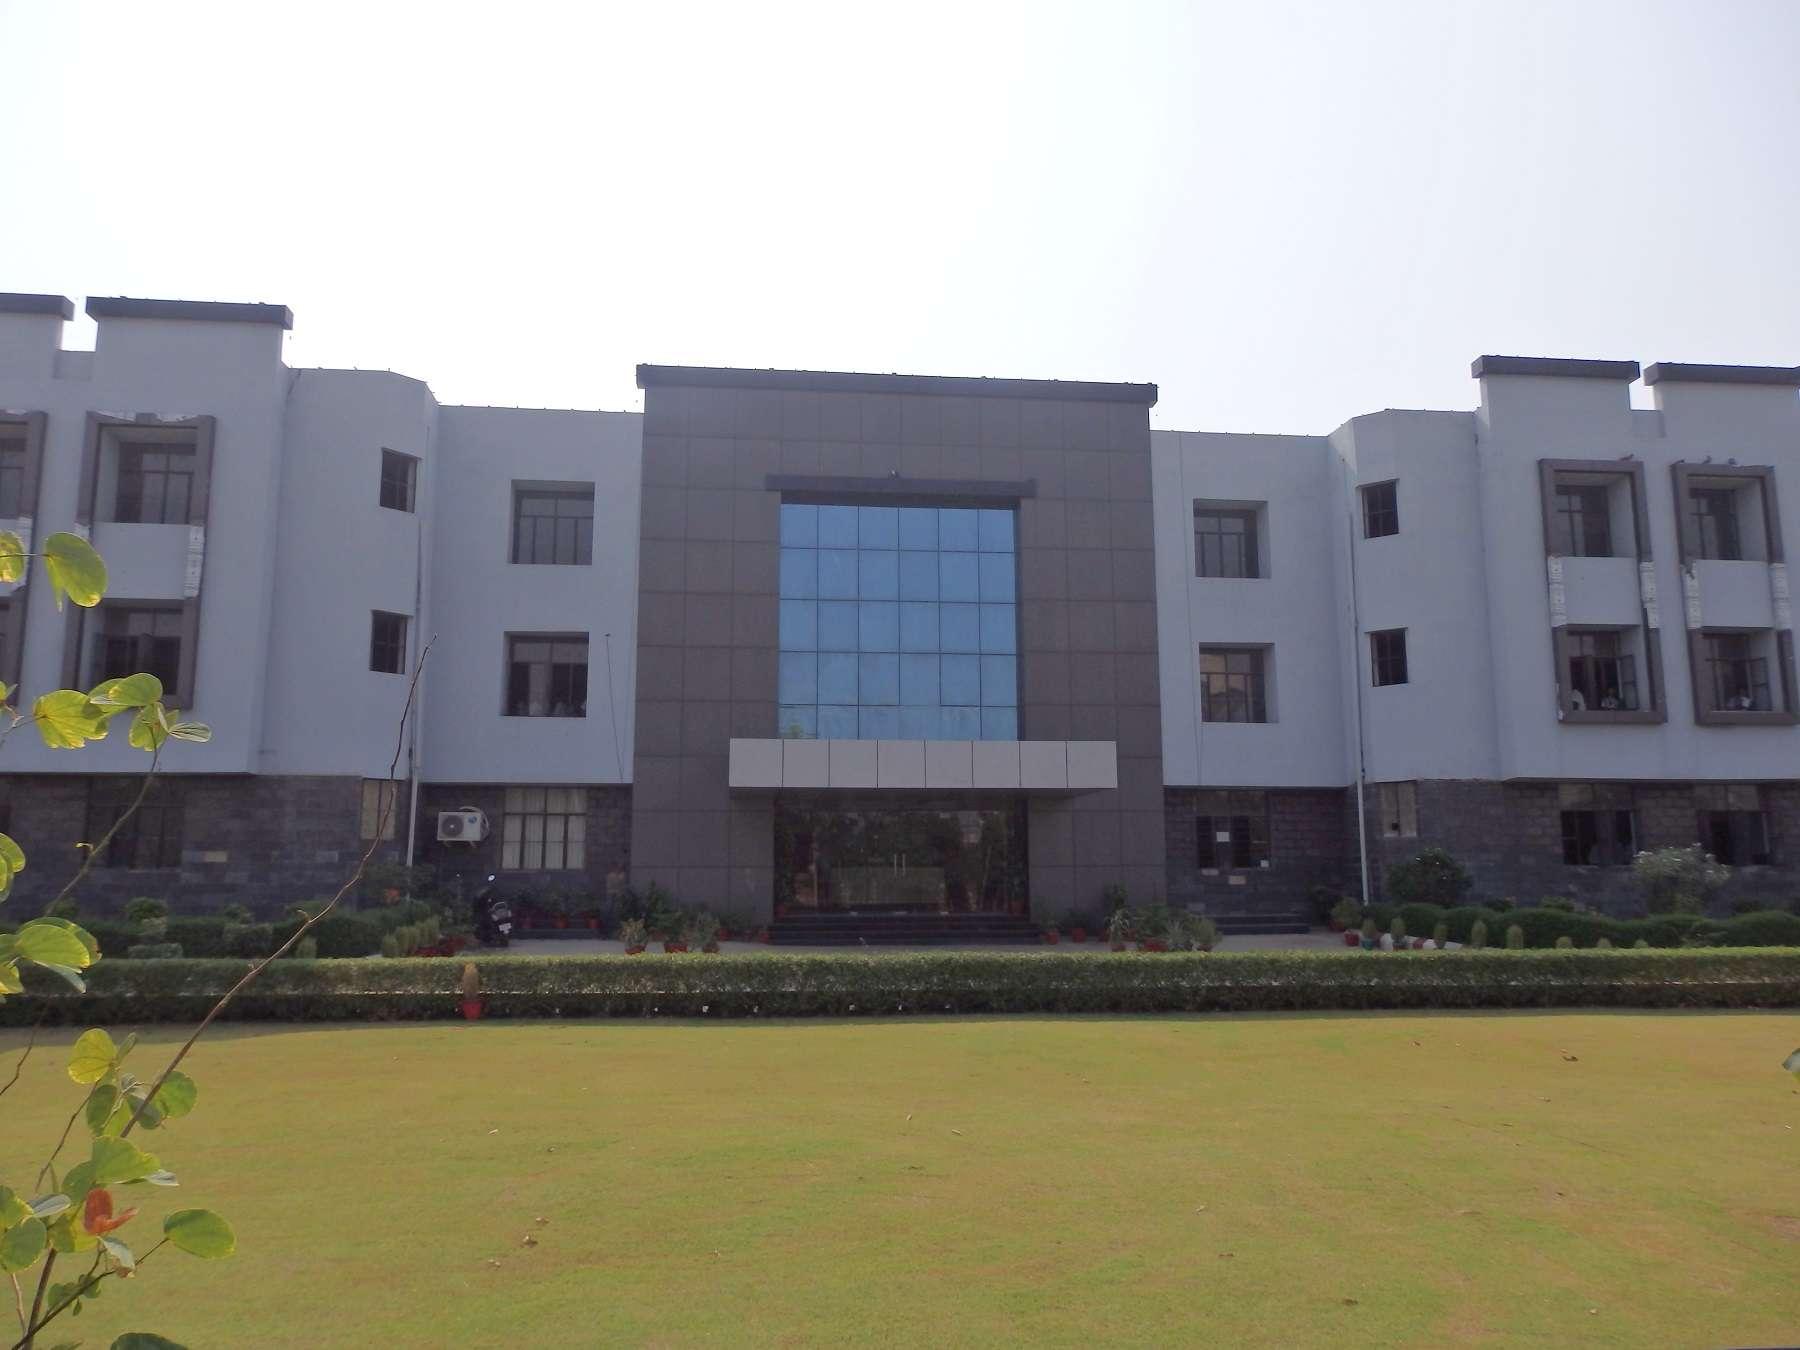 PRESIDENCY THE INTERNATIONAL SCHOOL BHIWADI OPP UTI OFFICE DISTT ALWAR RAJASTHAN 1730194